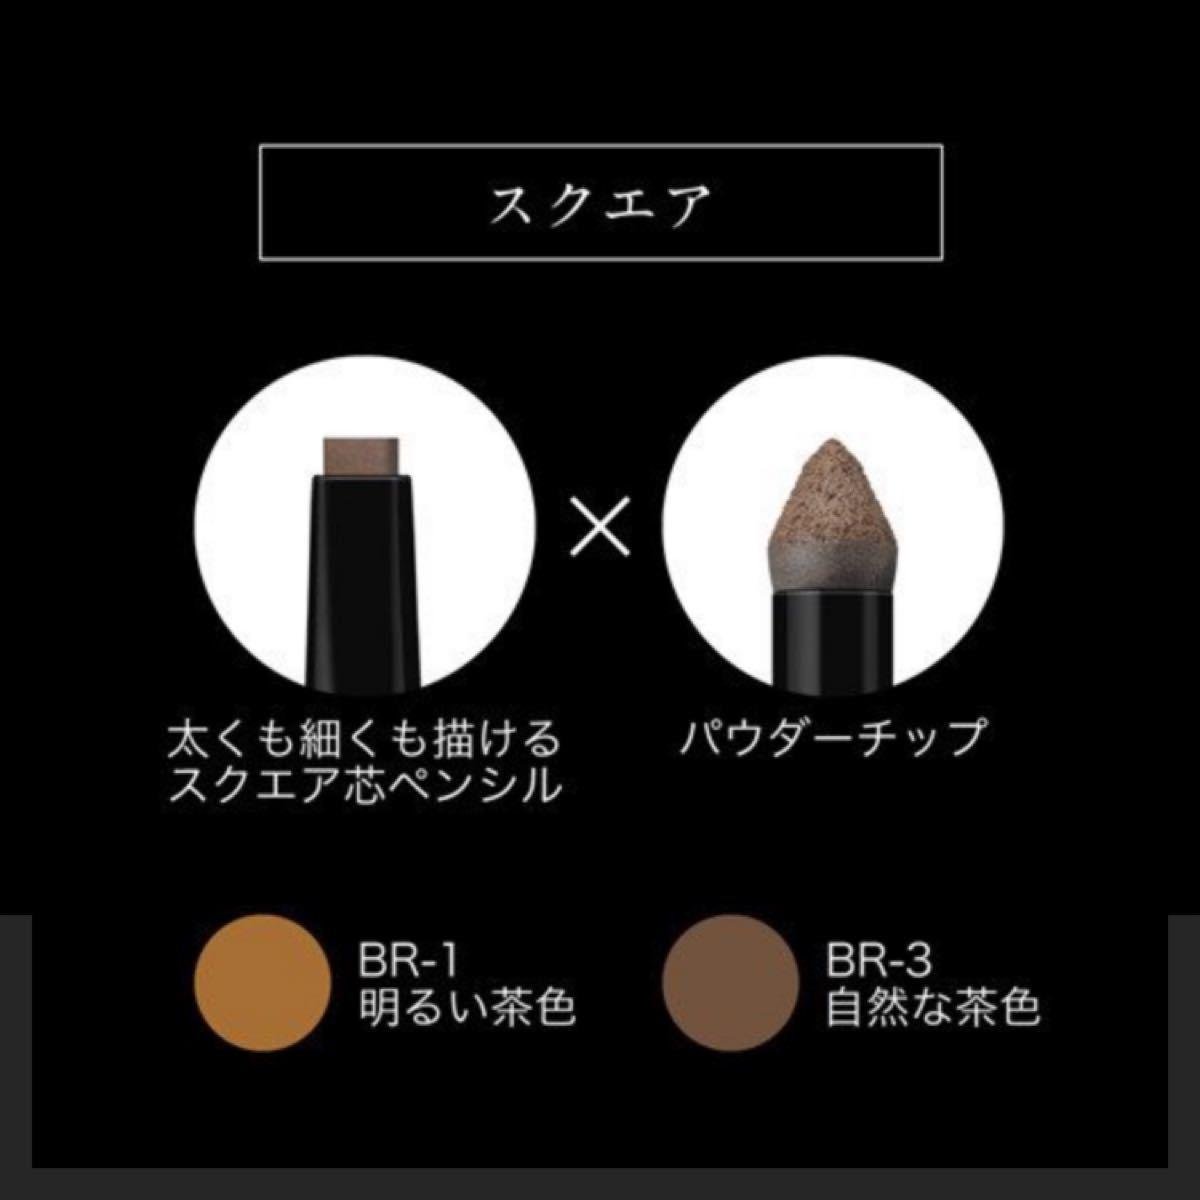 ケイト ラスティングデザインアイブロウW スクエア BR-1 明るい茶色 ( 0.5g )/ KATE(ケイト)新品未開封